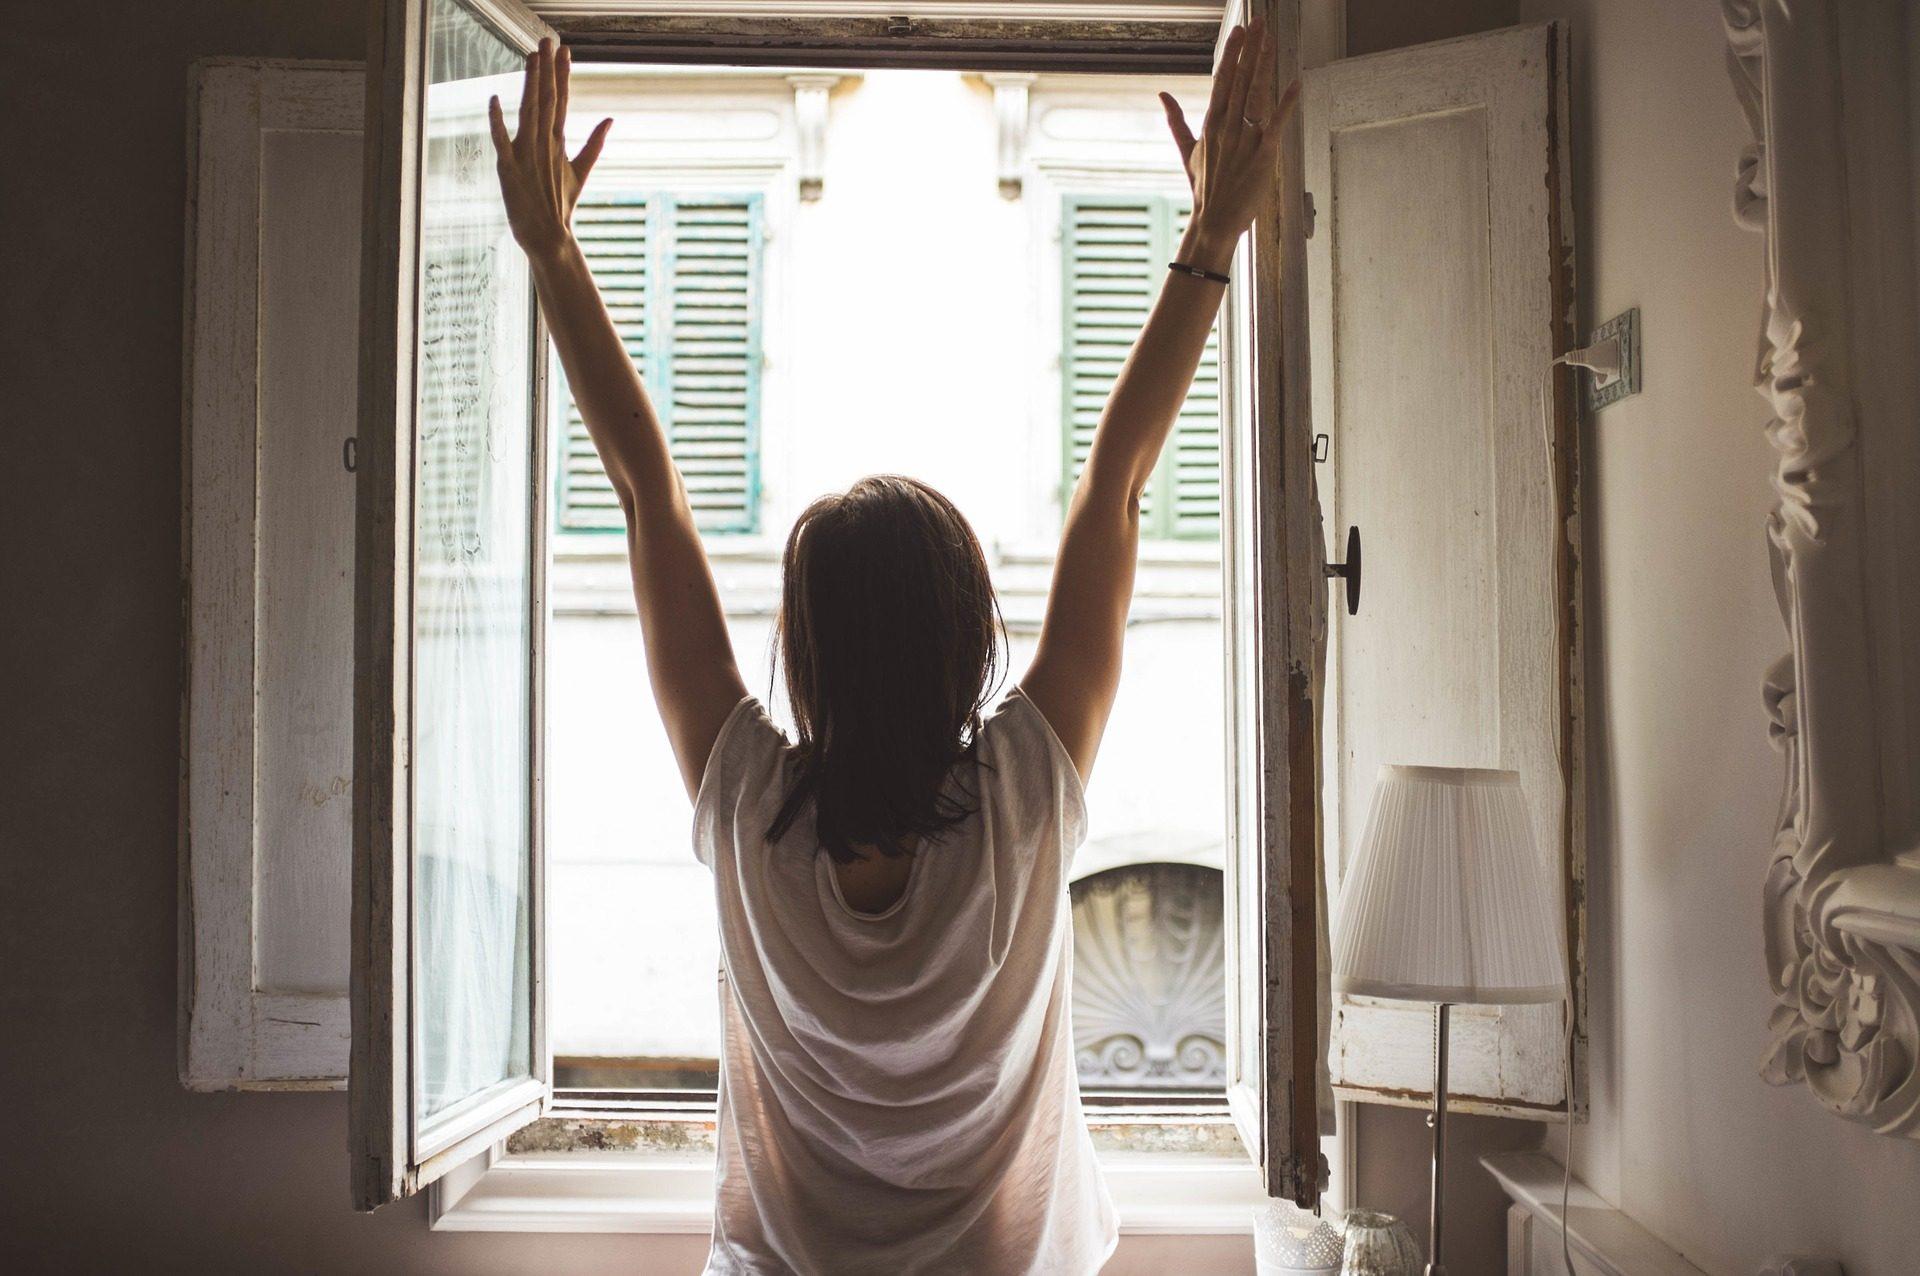 Quanto tempo tenere le finestre aperte per cambiare aria